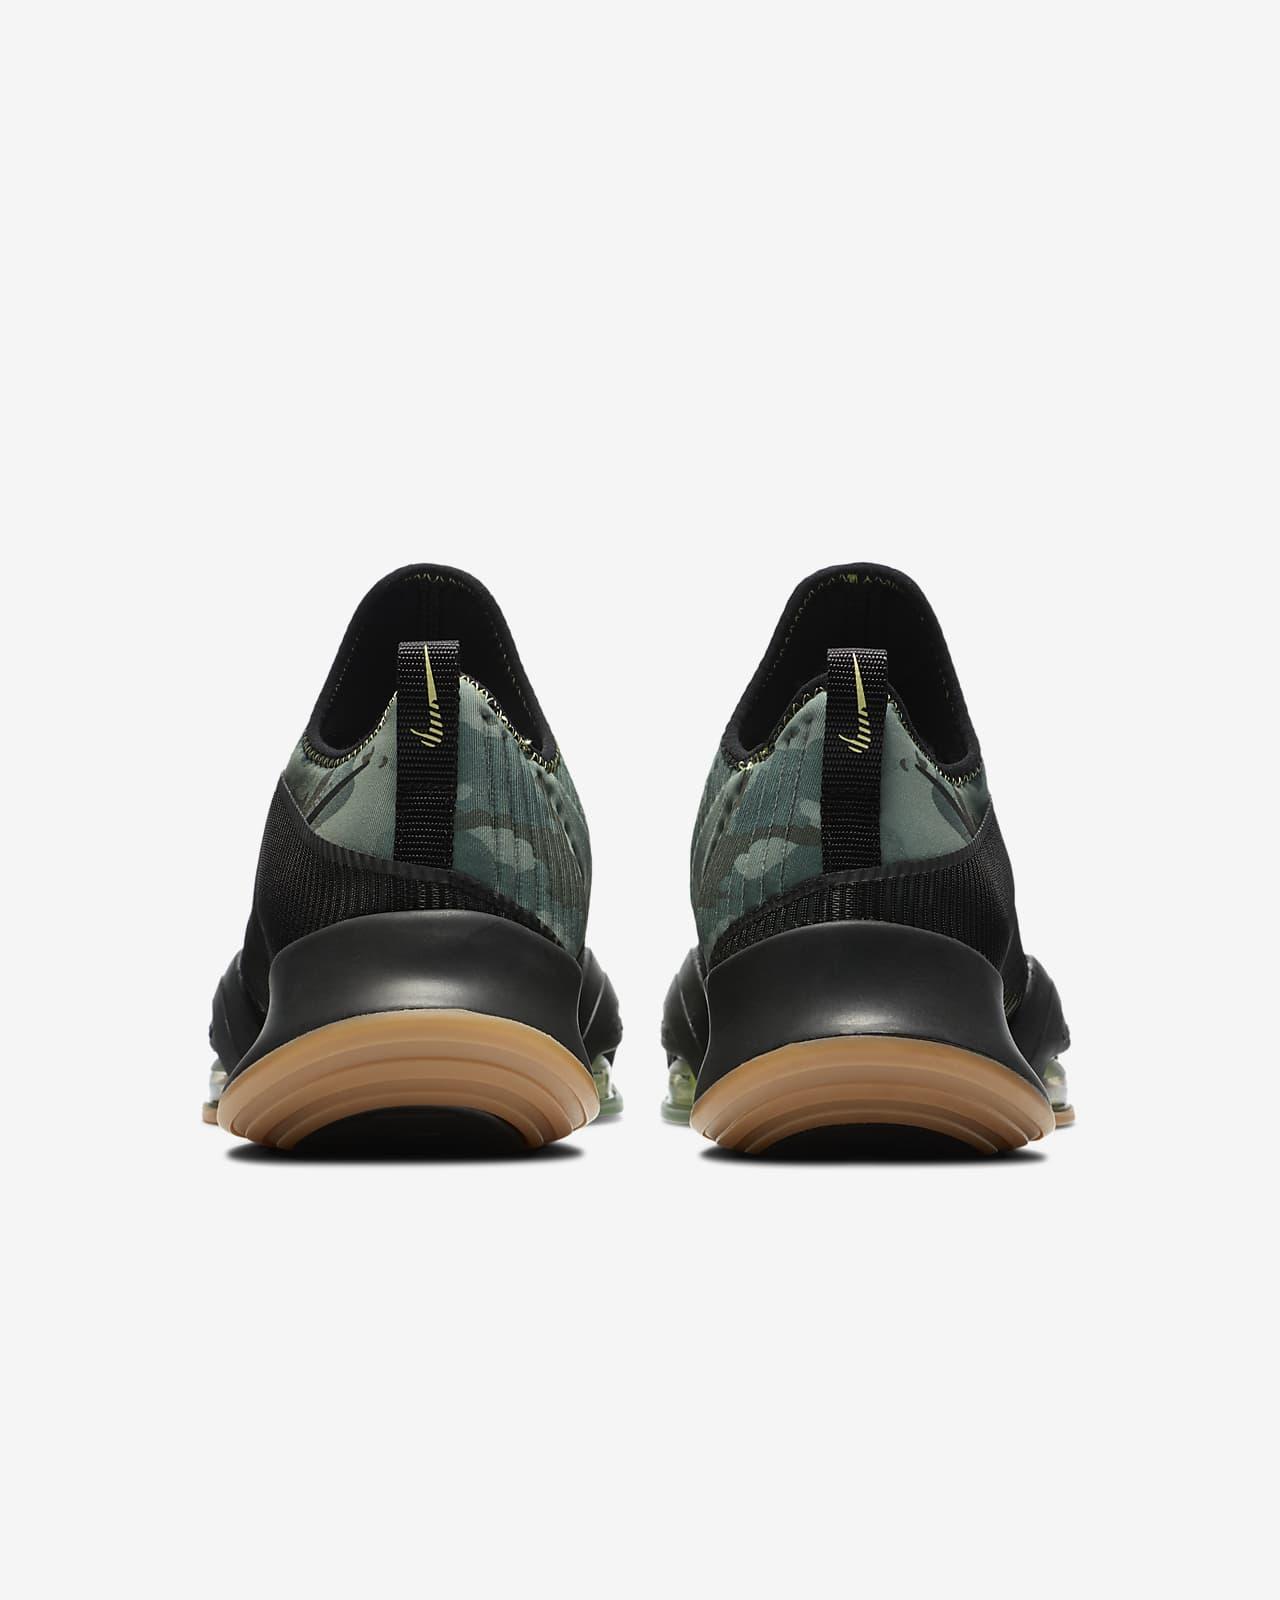 chaussure aute nike pour enfant garçon